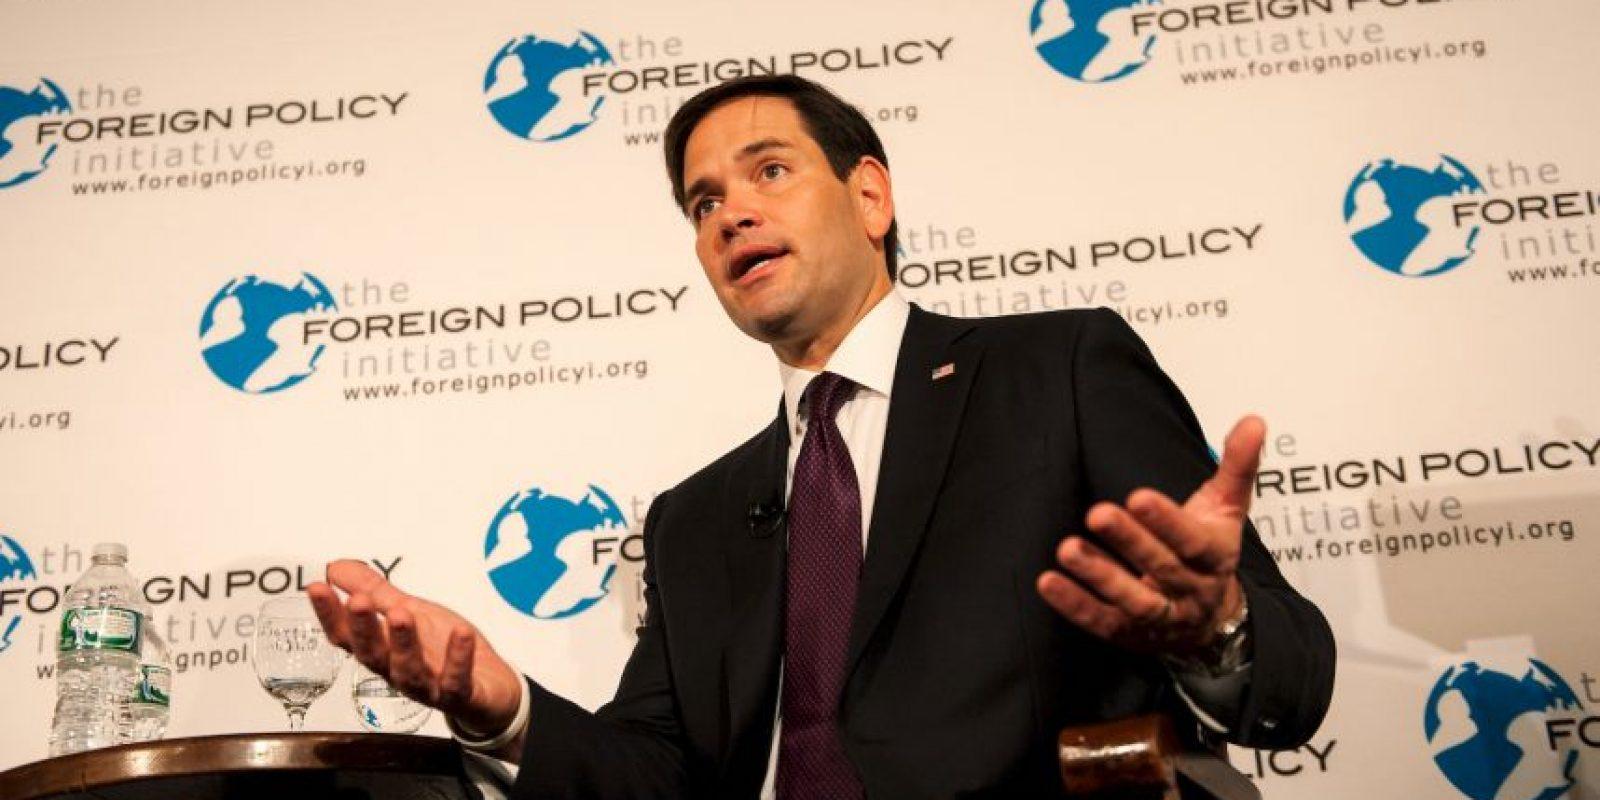 Marco Rubio, precandidato republicano a la presidencia de Estados Unidos Foto:Getty Images